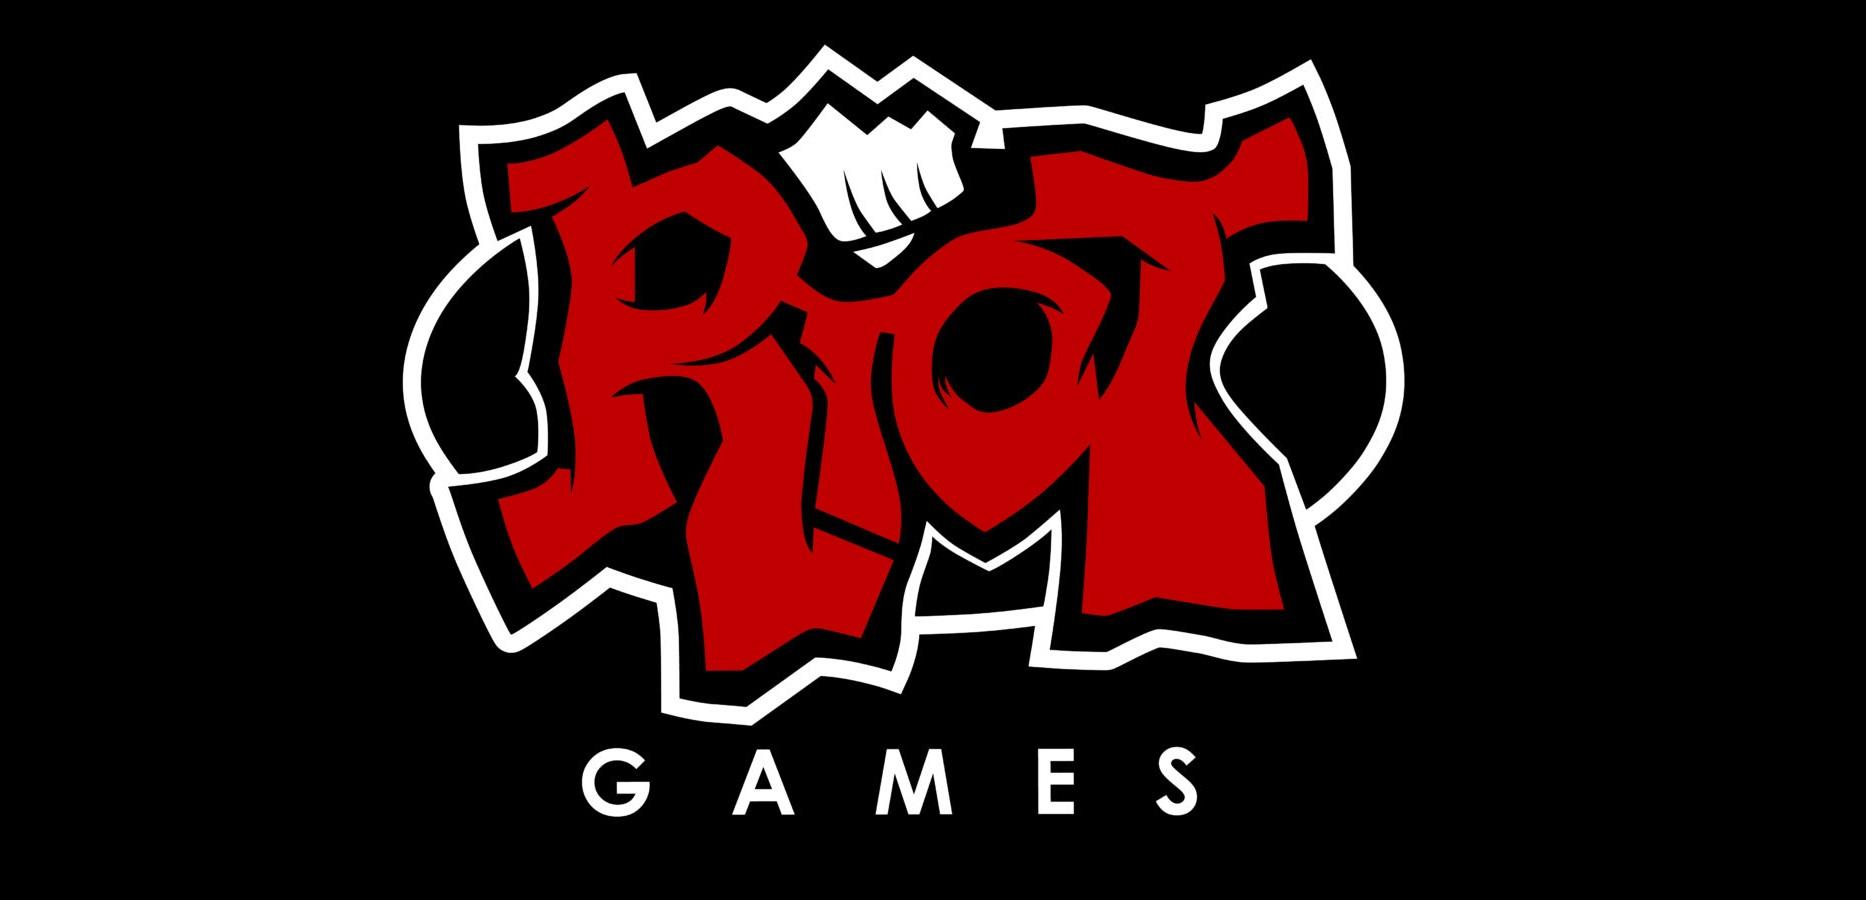 """Riot Games: """"Estar en la región nos ha ayudado a entender los problemas del gamer que vive acá"""" [Entrevista]"""